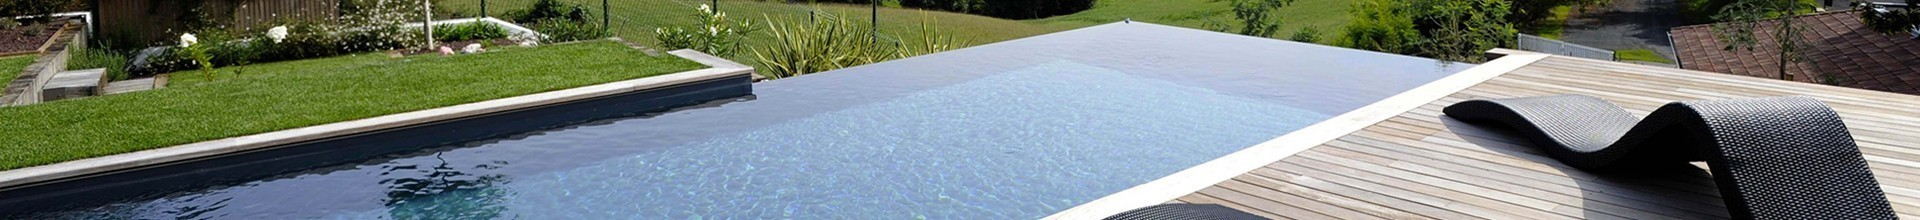 Direct usine, piscine coque prix Pays : Belgique